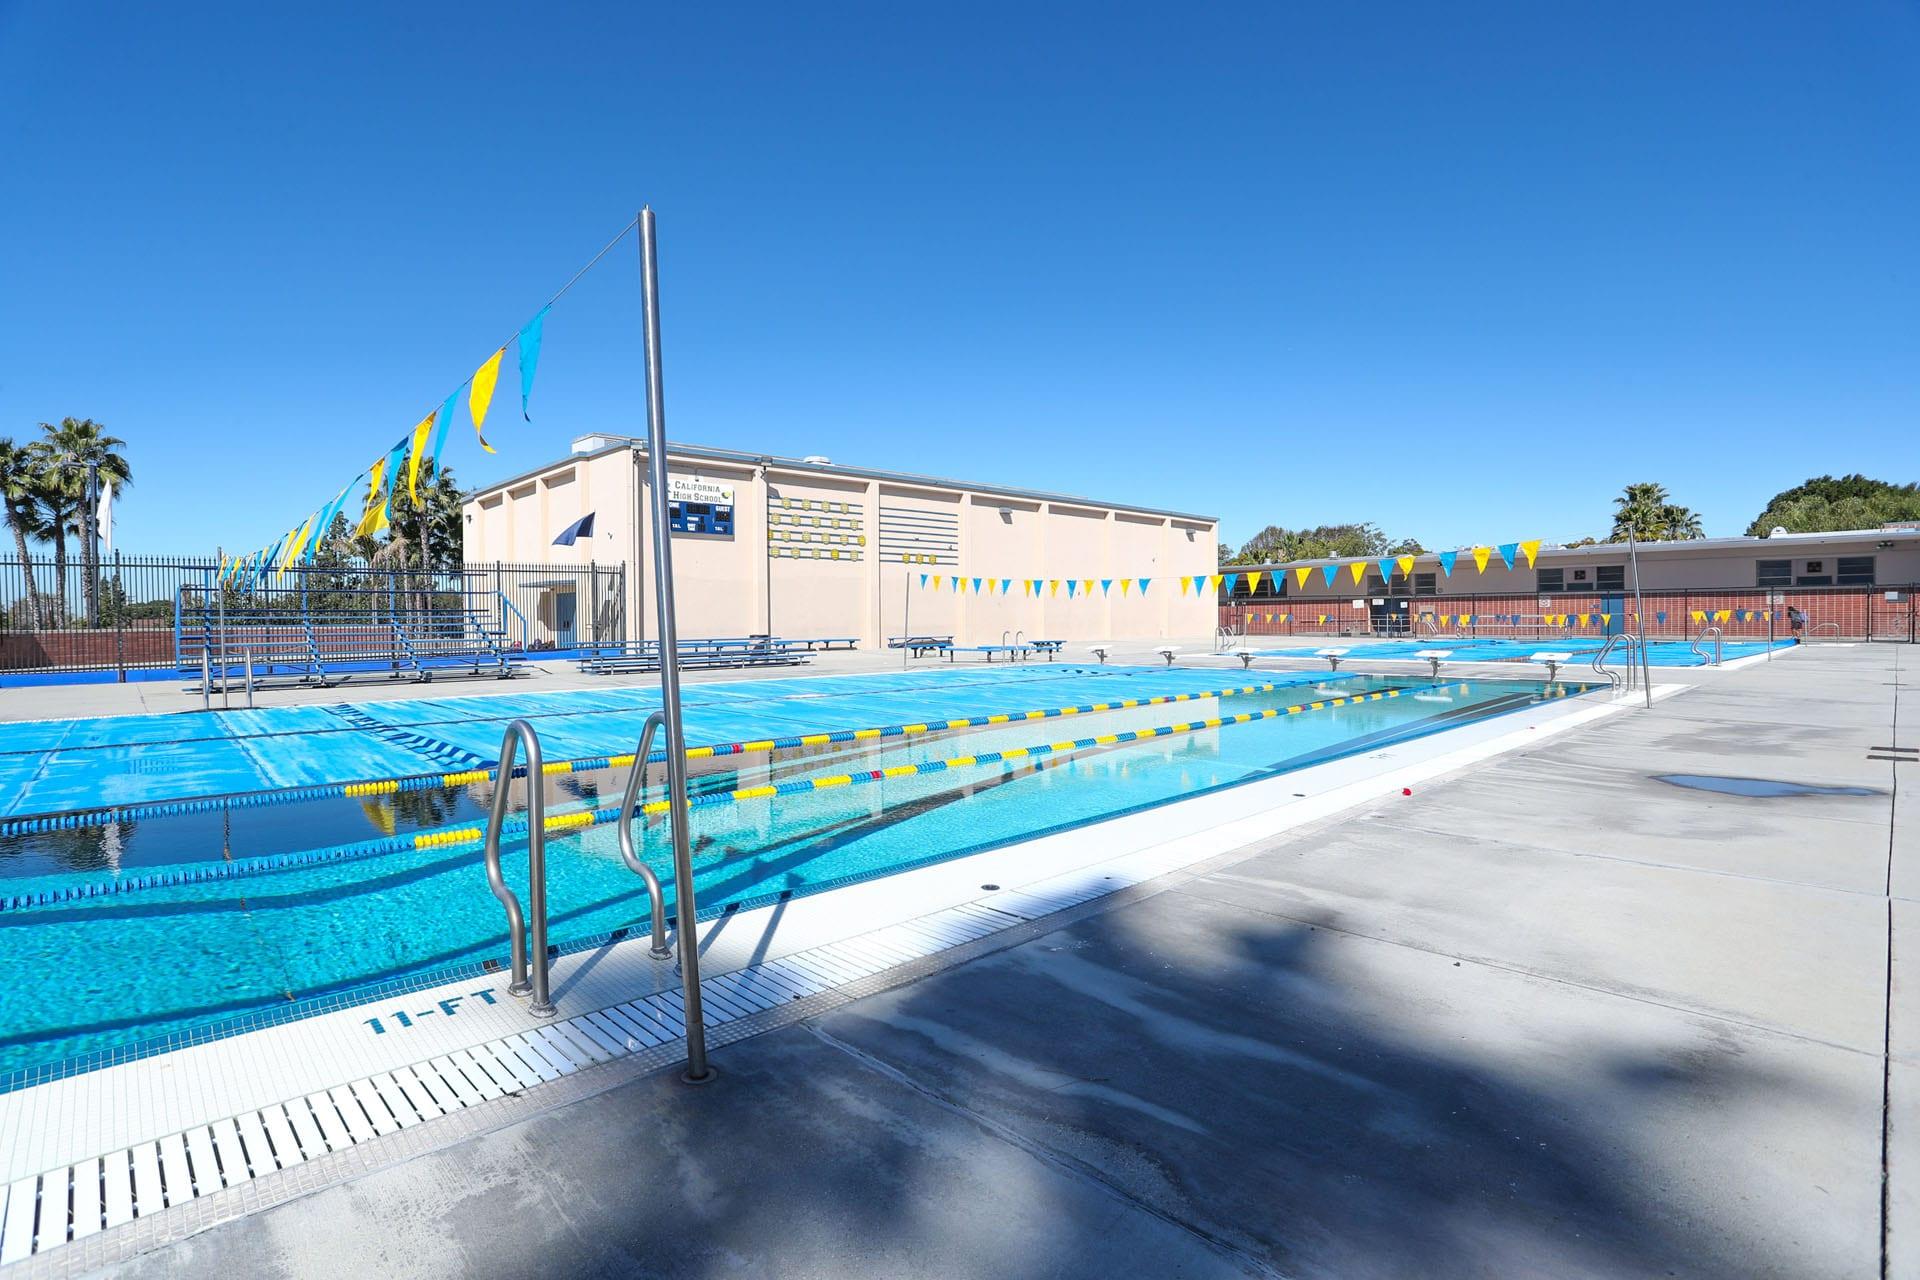 Facility at the pool